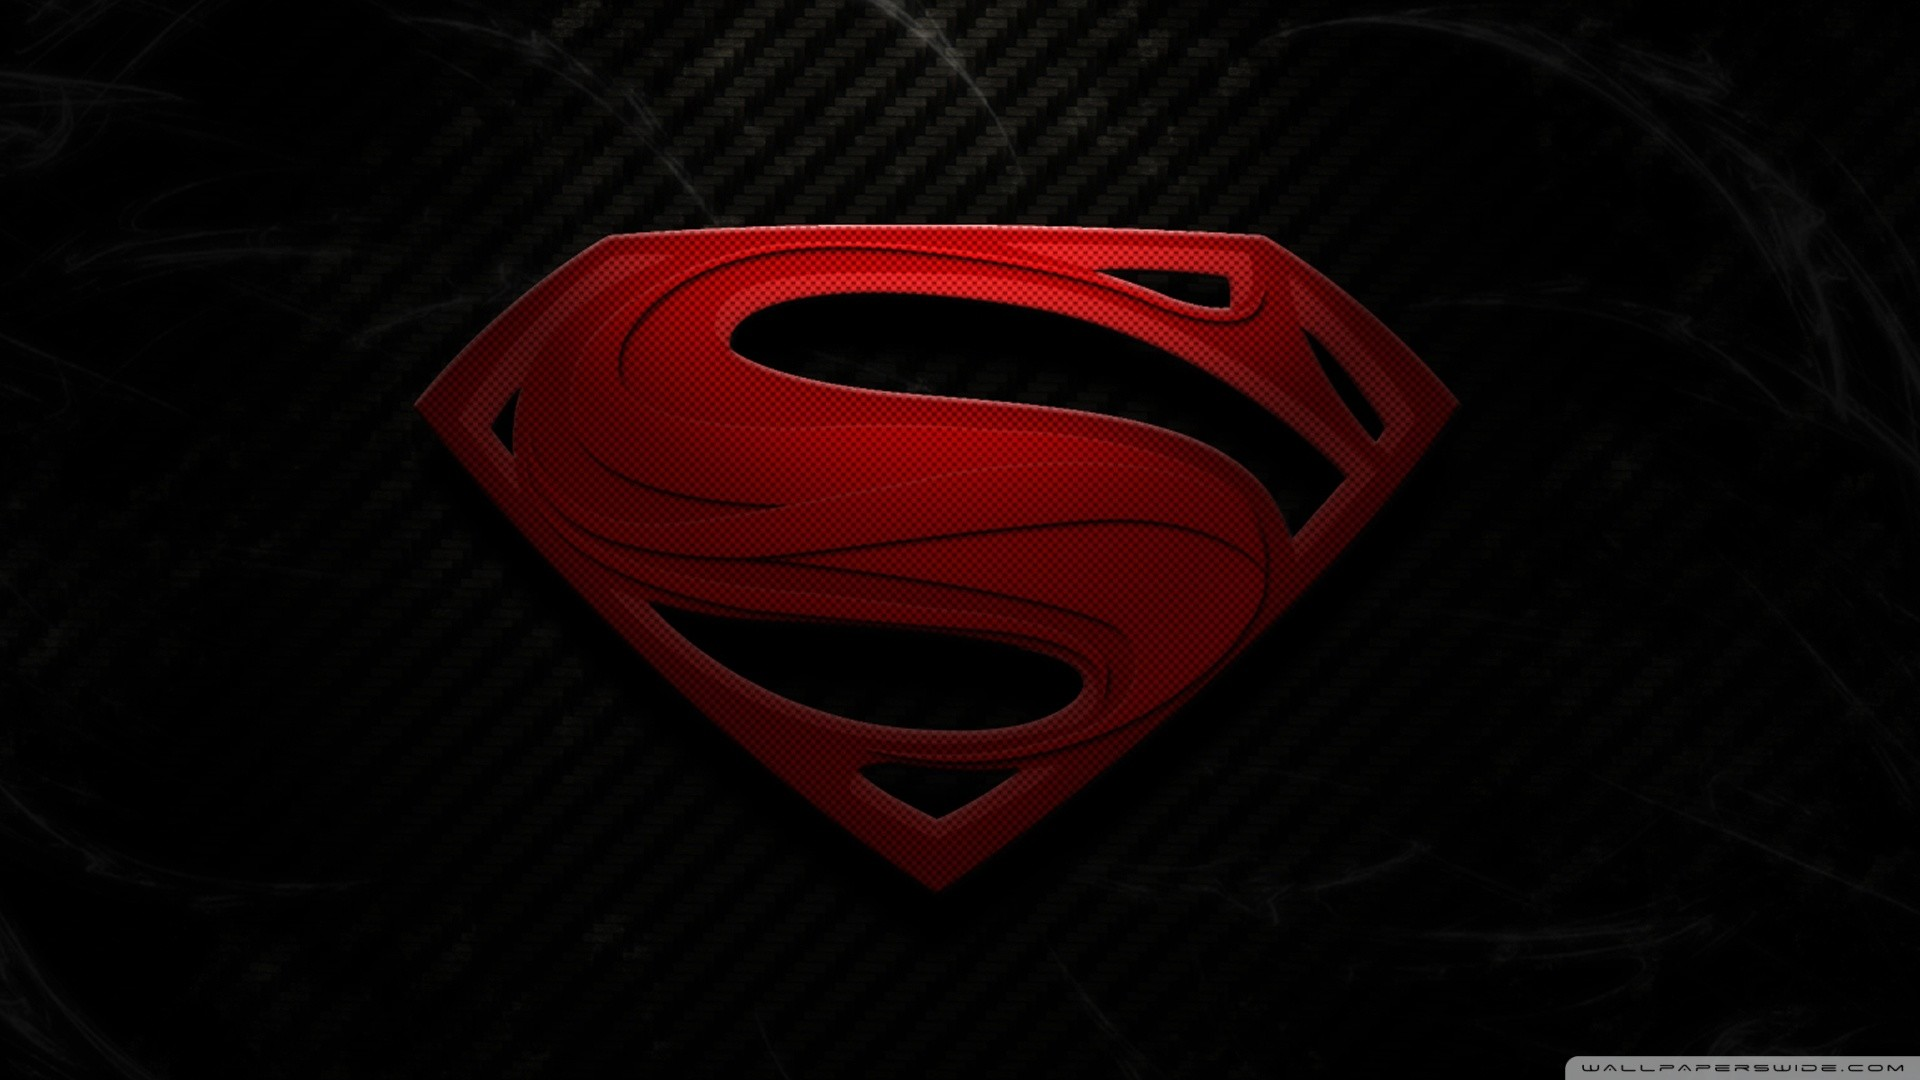 Superman Man Of Steel Wallpaper Hd 1920x1080 Man of Steel Logo Wall...